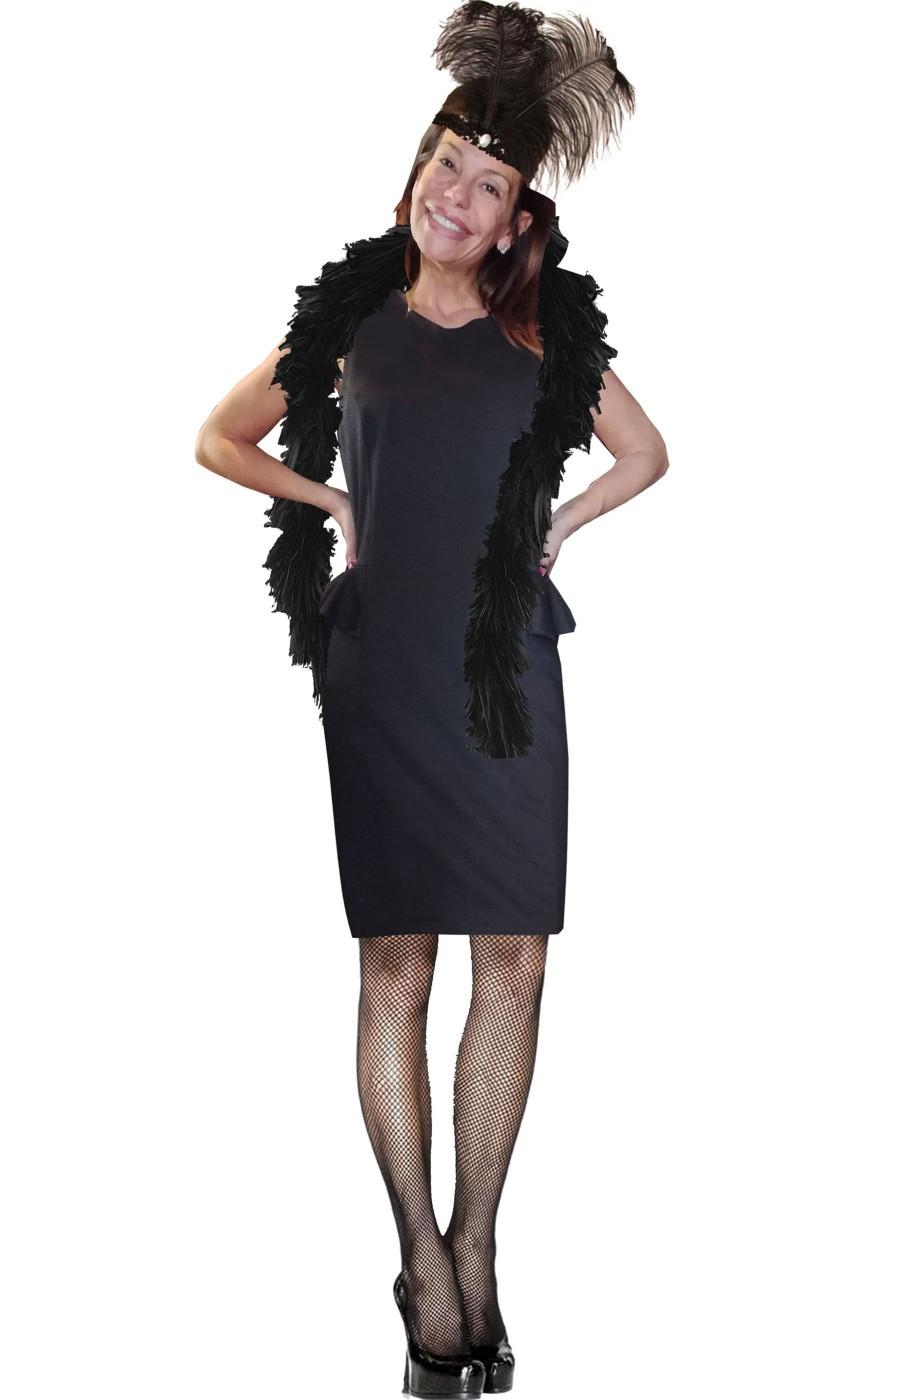 Vestito anni 20 o 30 chicago Grande Gatsby nero con boa e piume